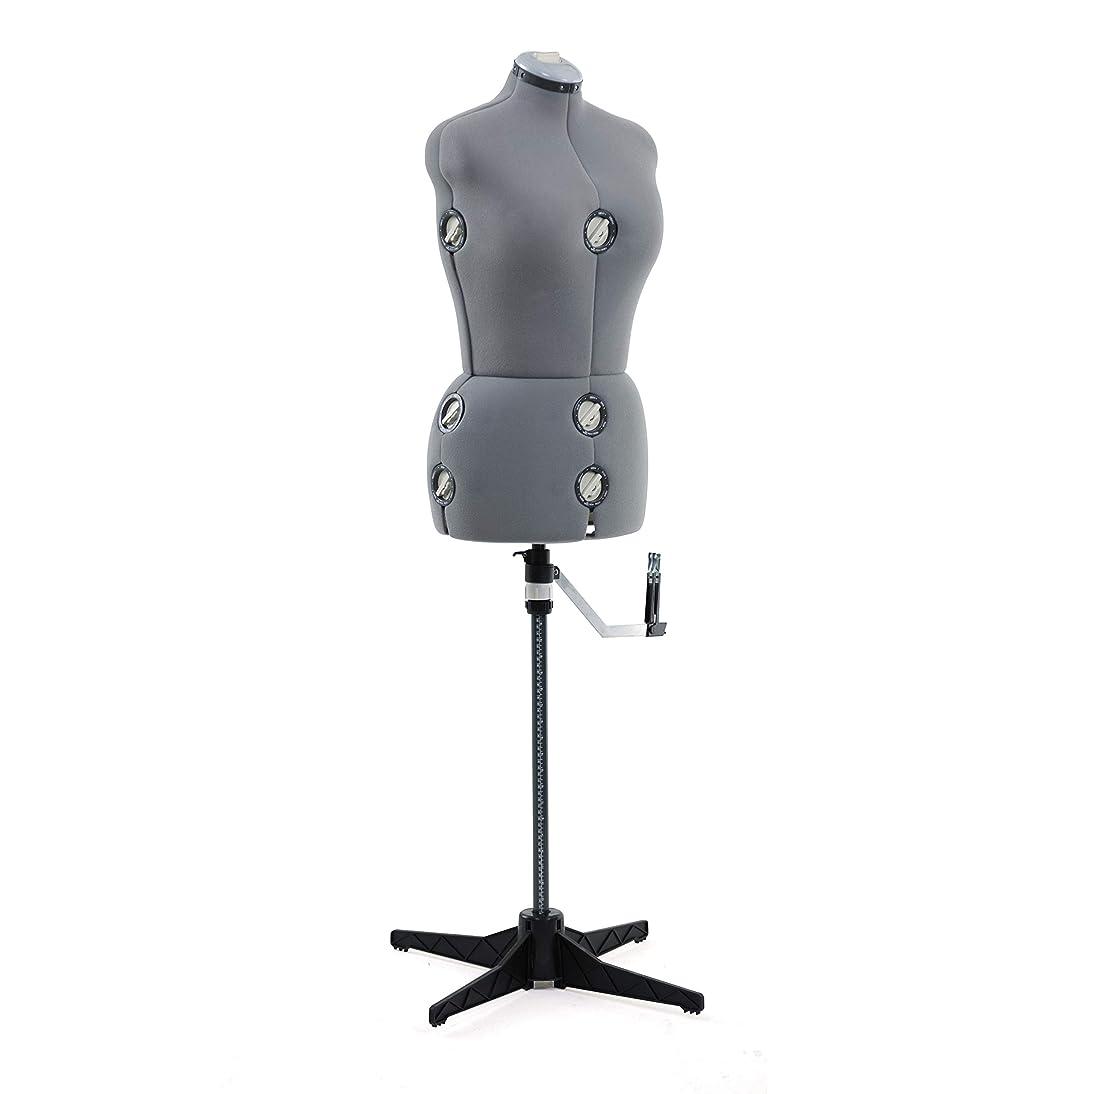 SINGER Dress Form Grey